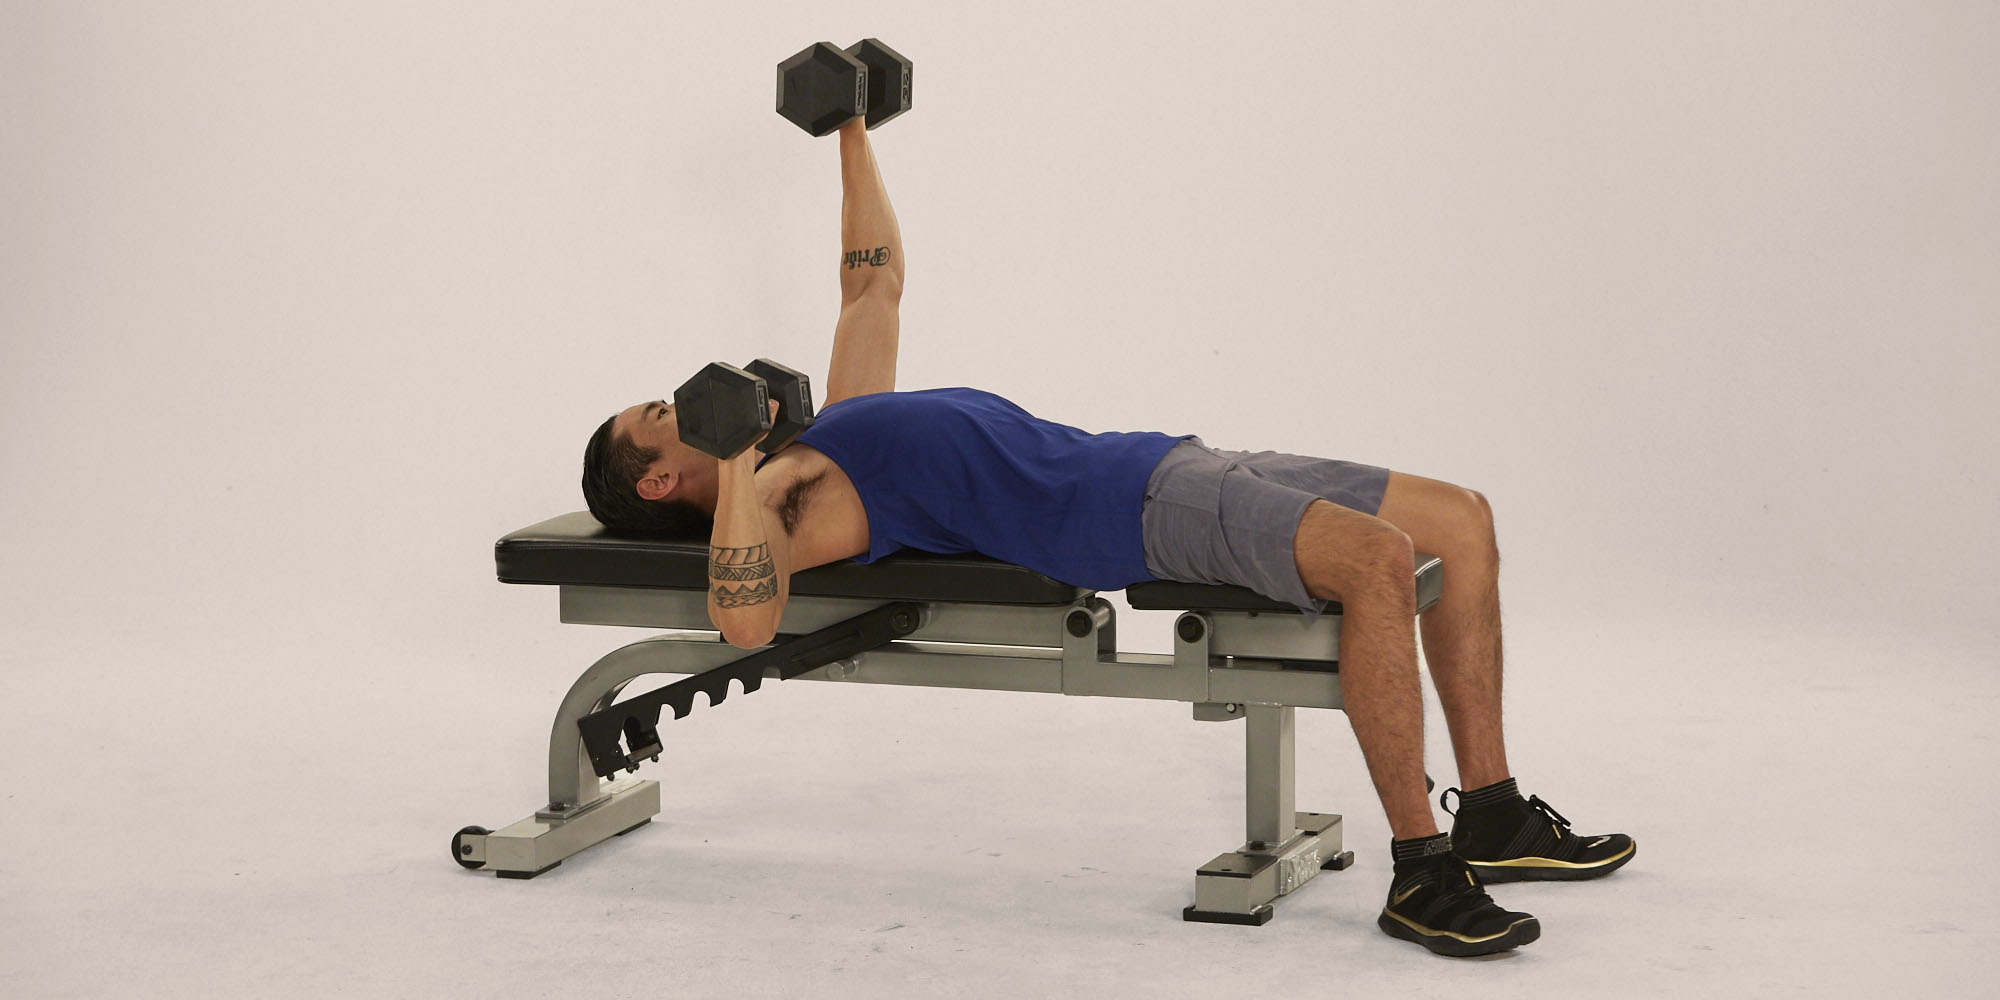 Упражнения для проработки груди при помощи гантелей.